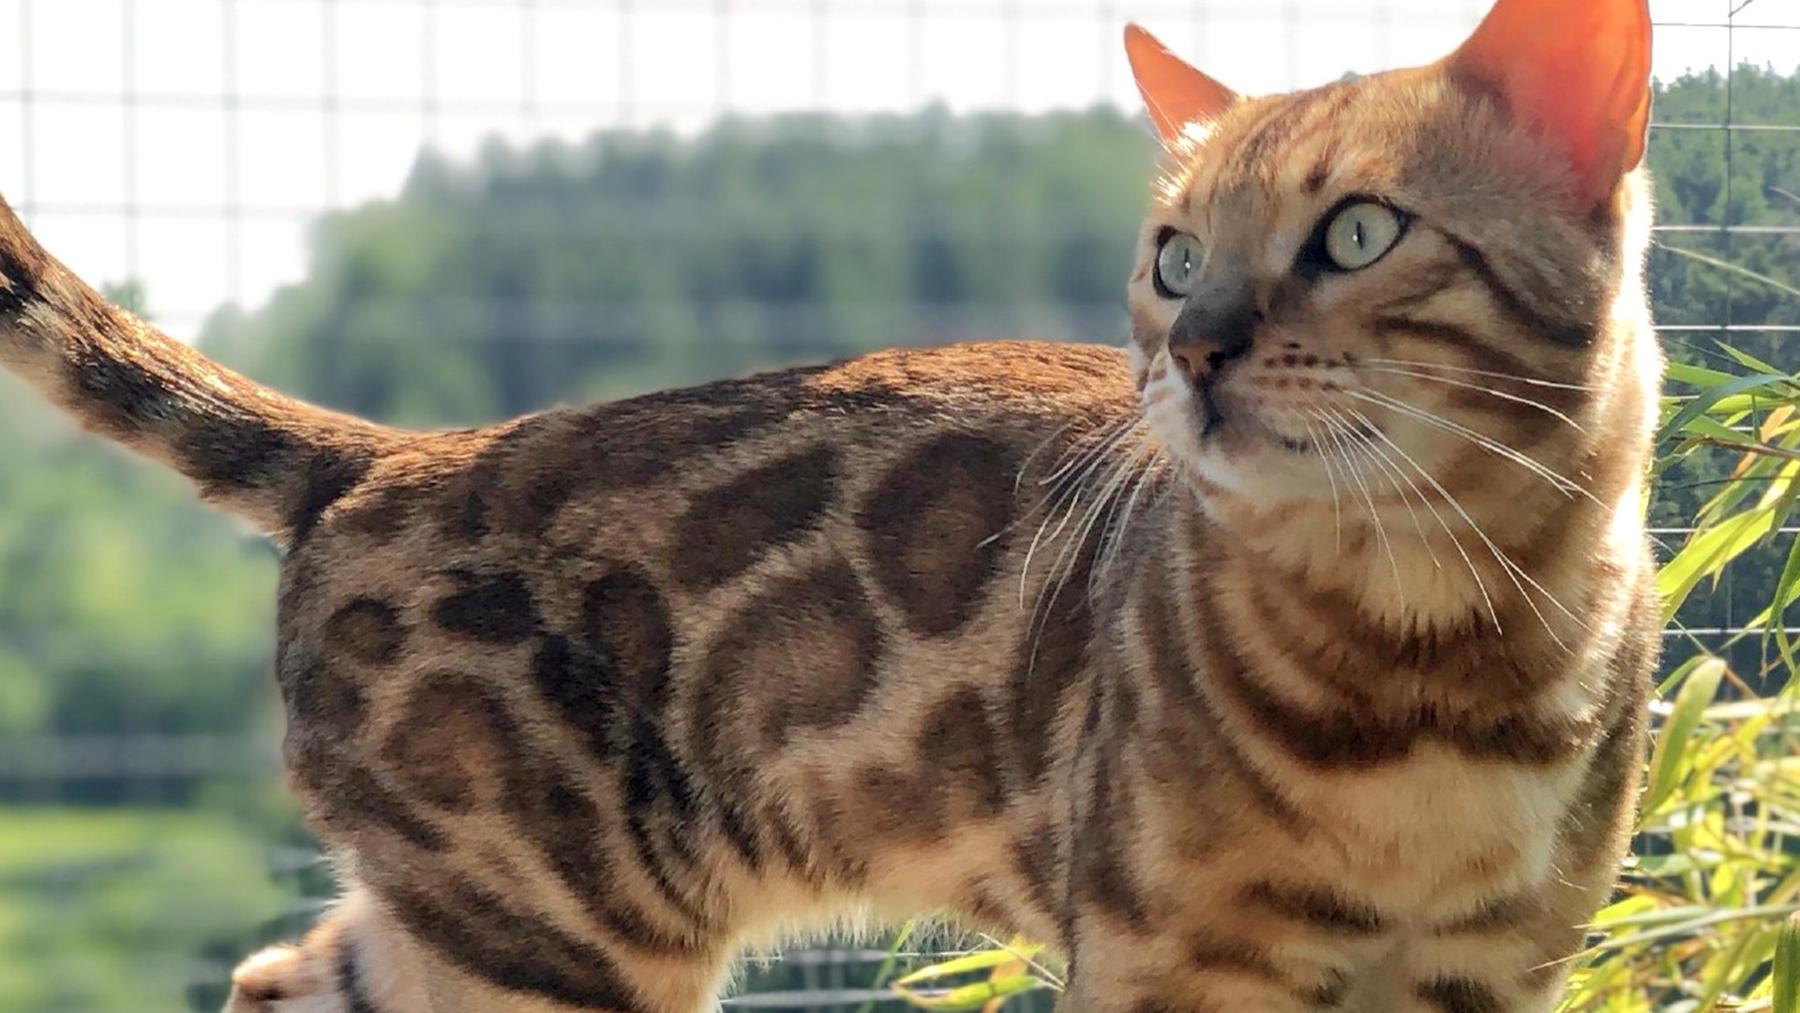 Thema heute u.a.: Die Bengalkatze - der Mini-Leopard fürs Wohnzimmer